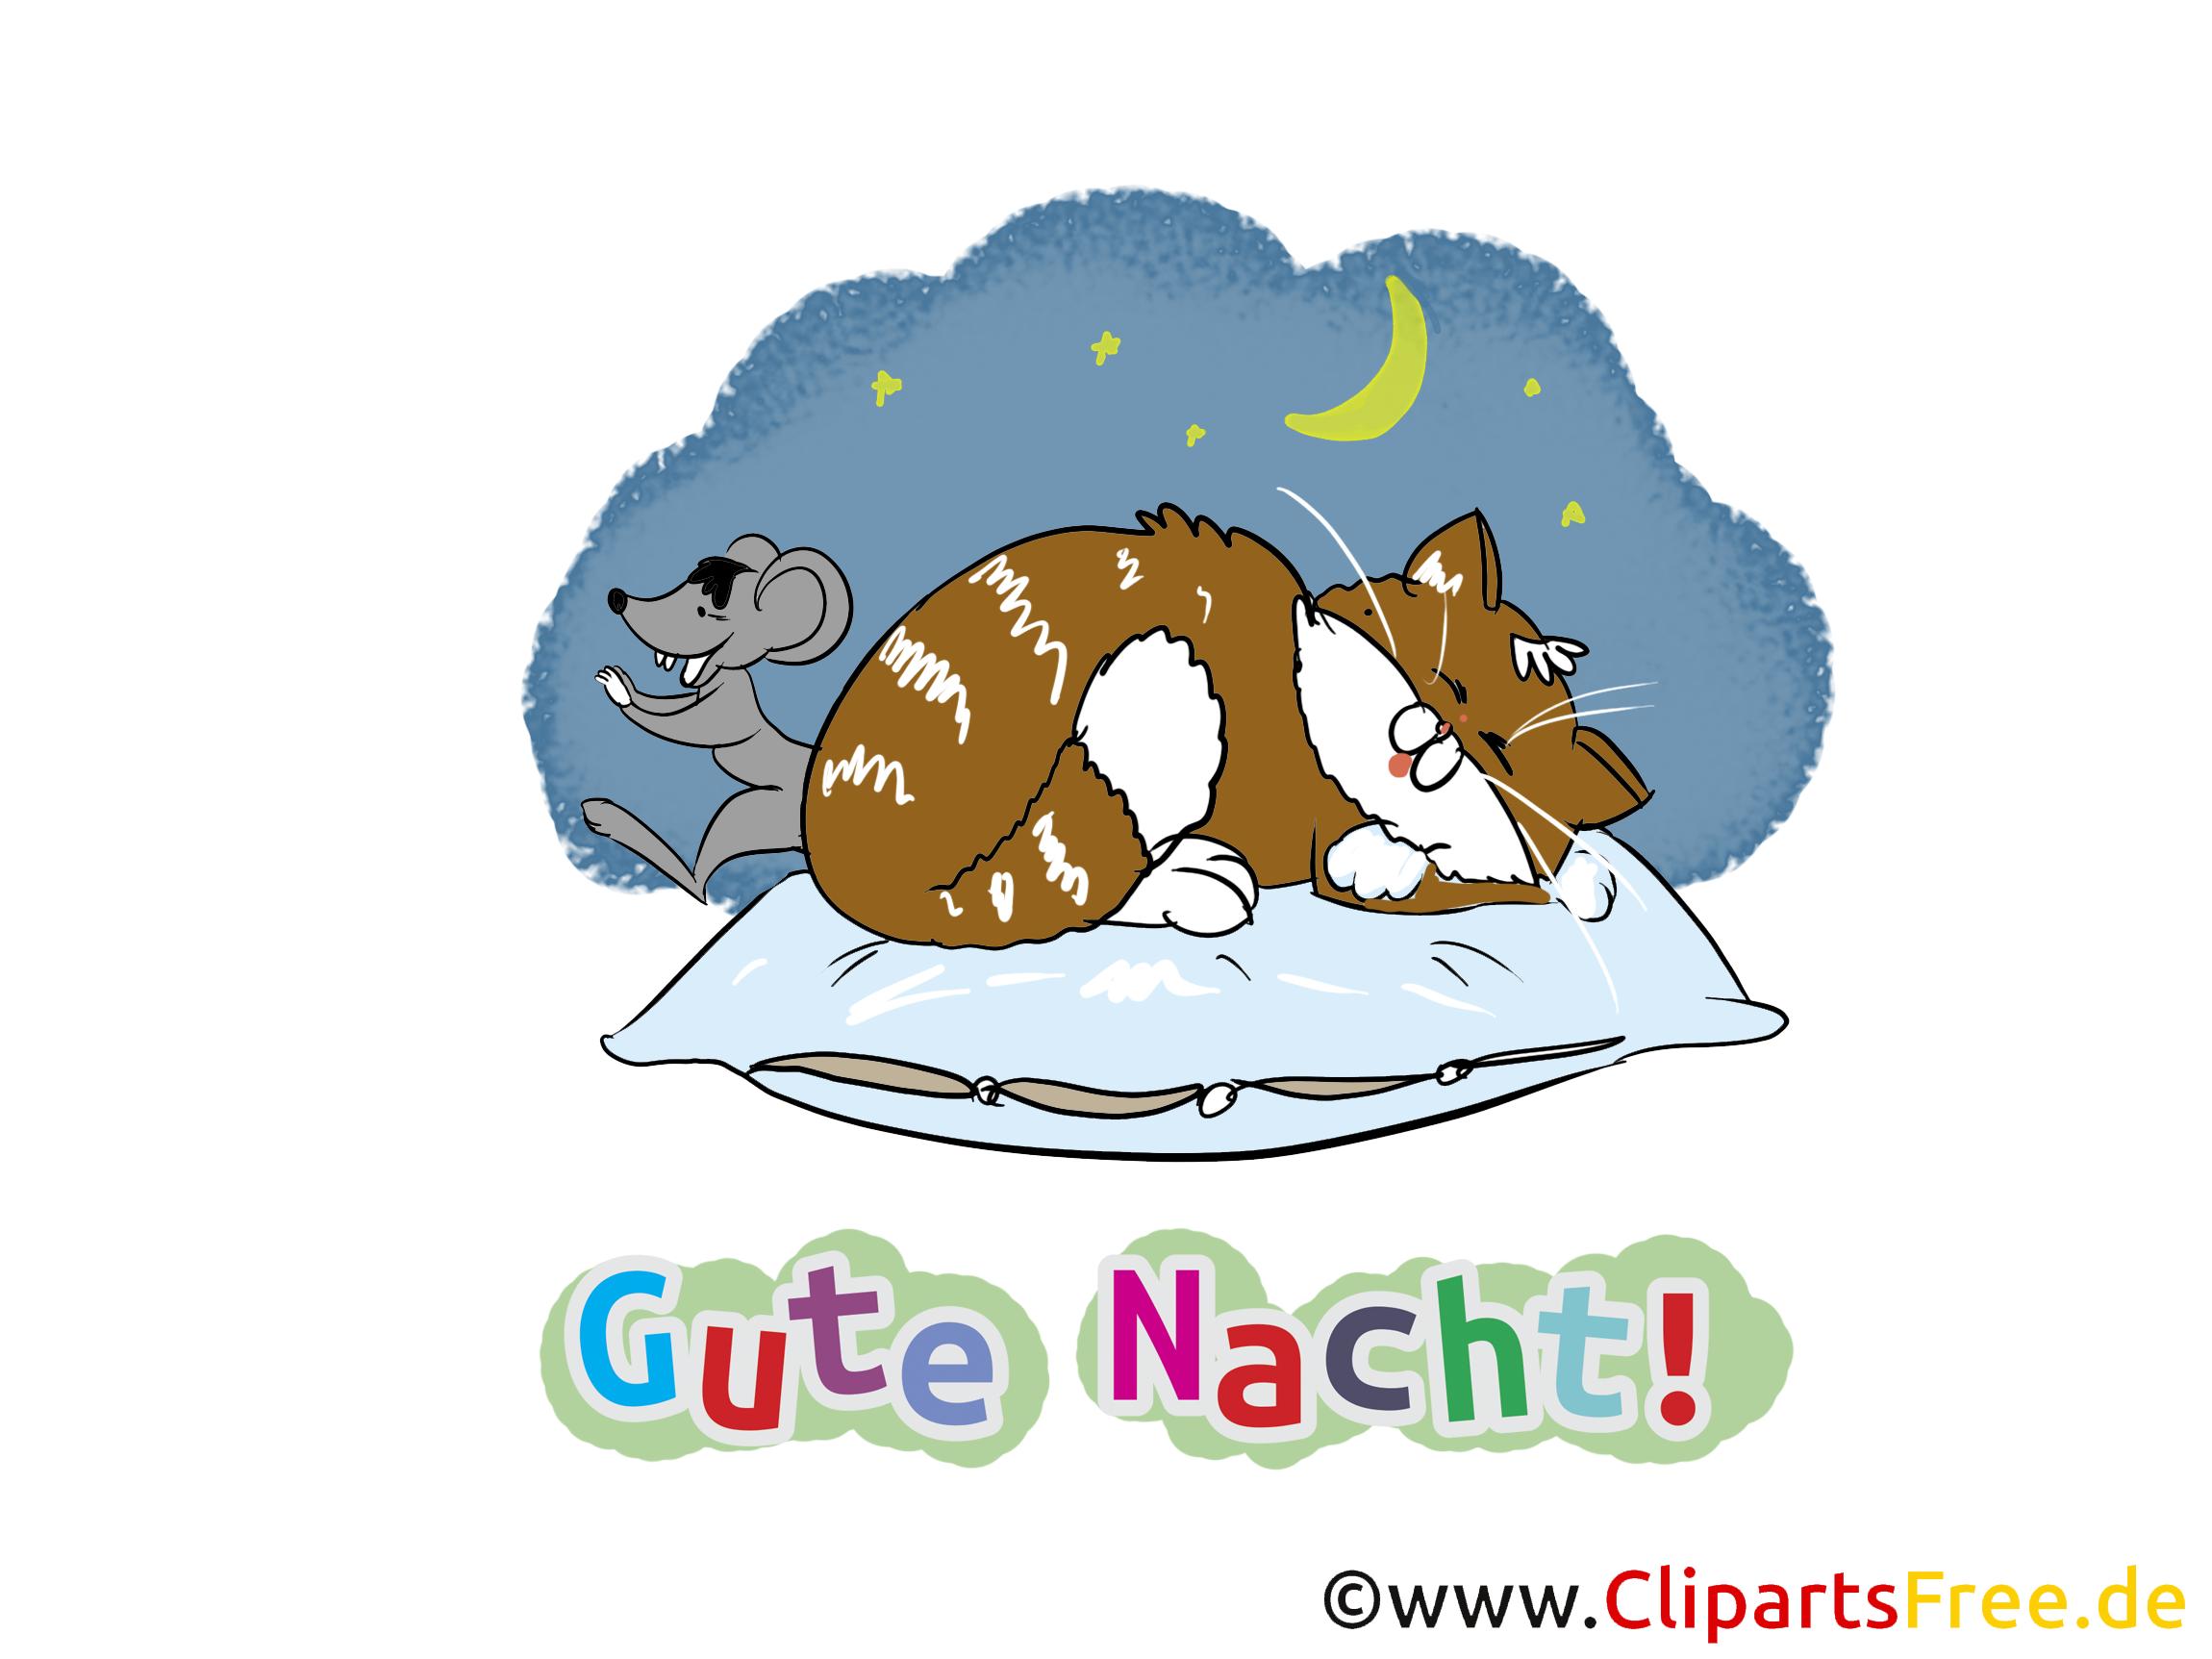 Gute nacht clipart bilder jpg Gute Nacht Karten kostenlos jpg